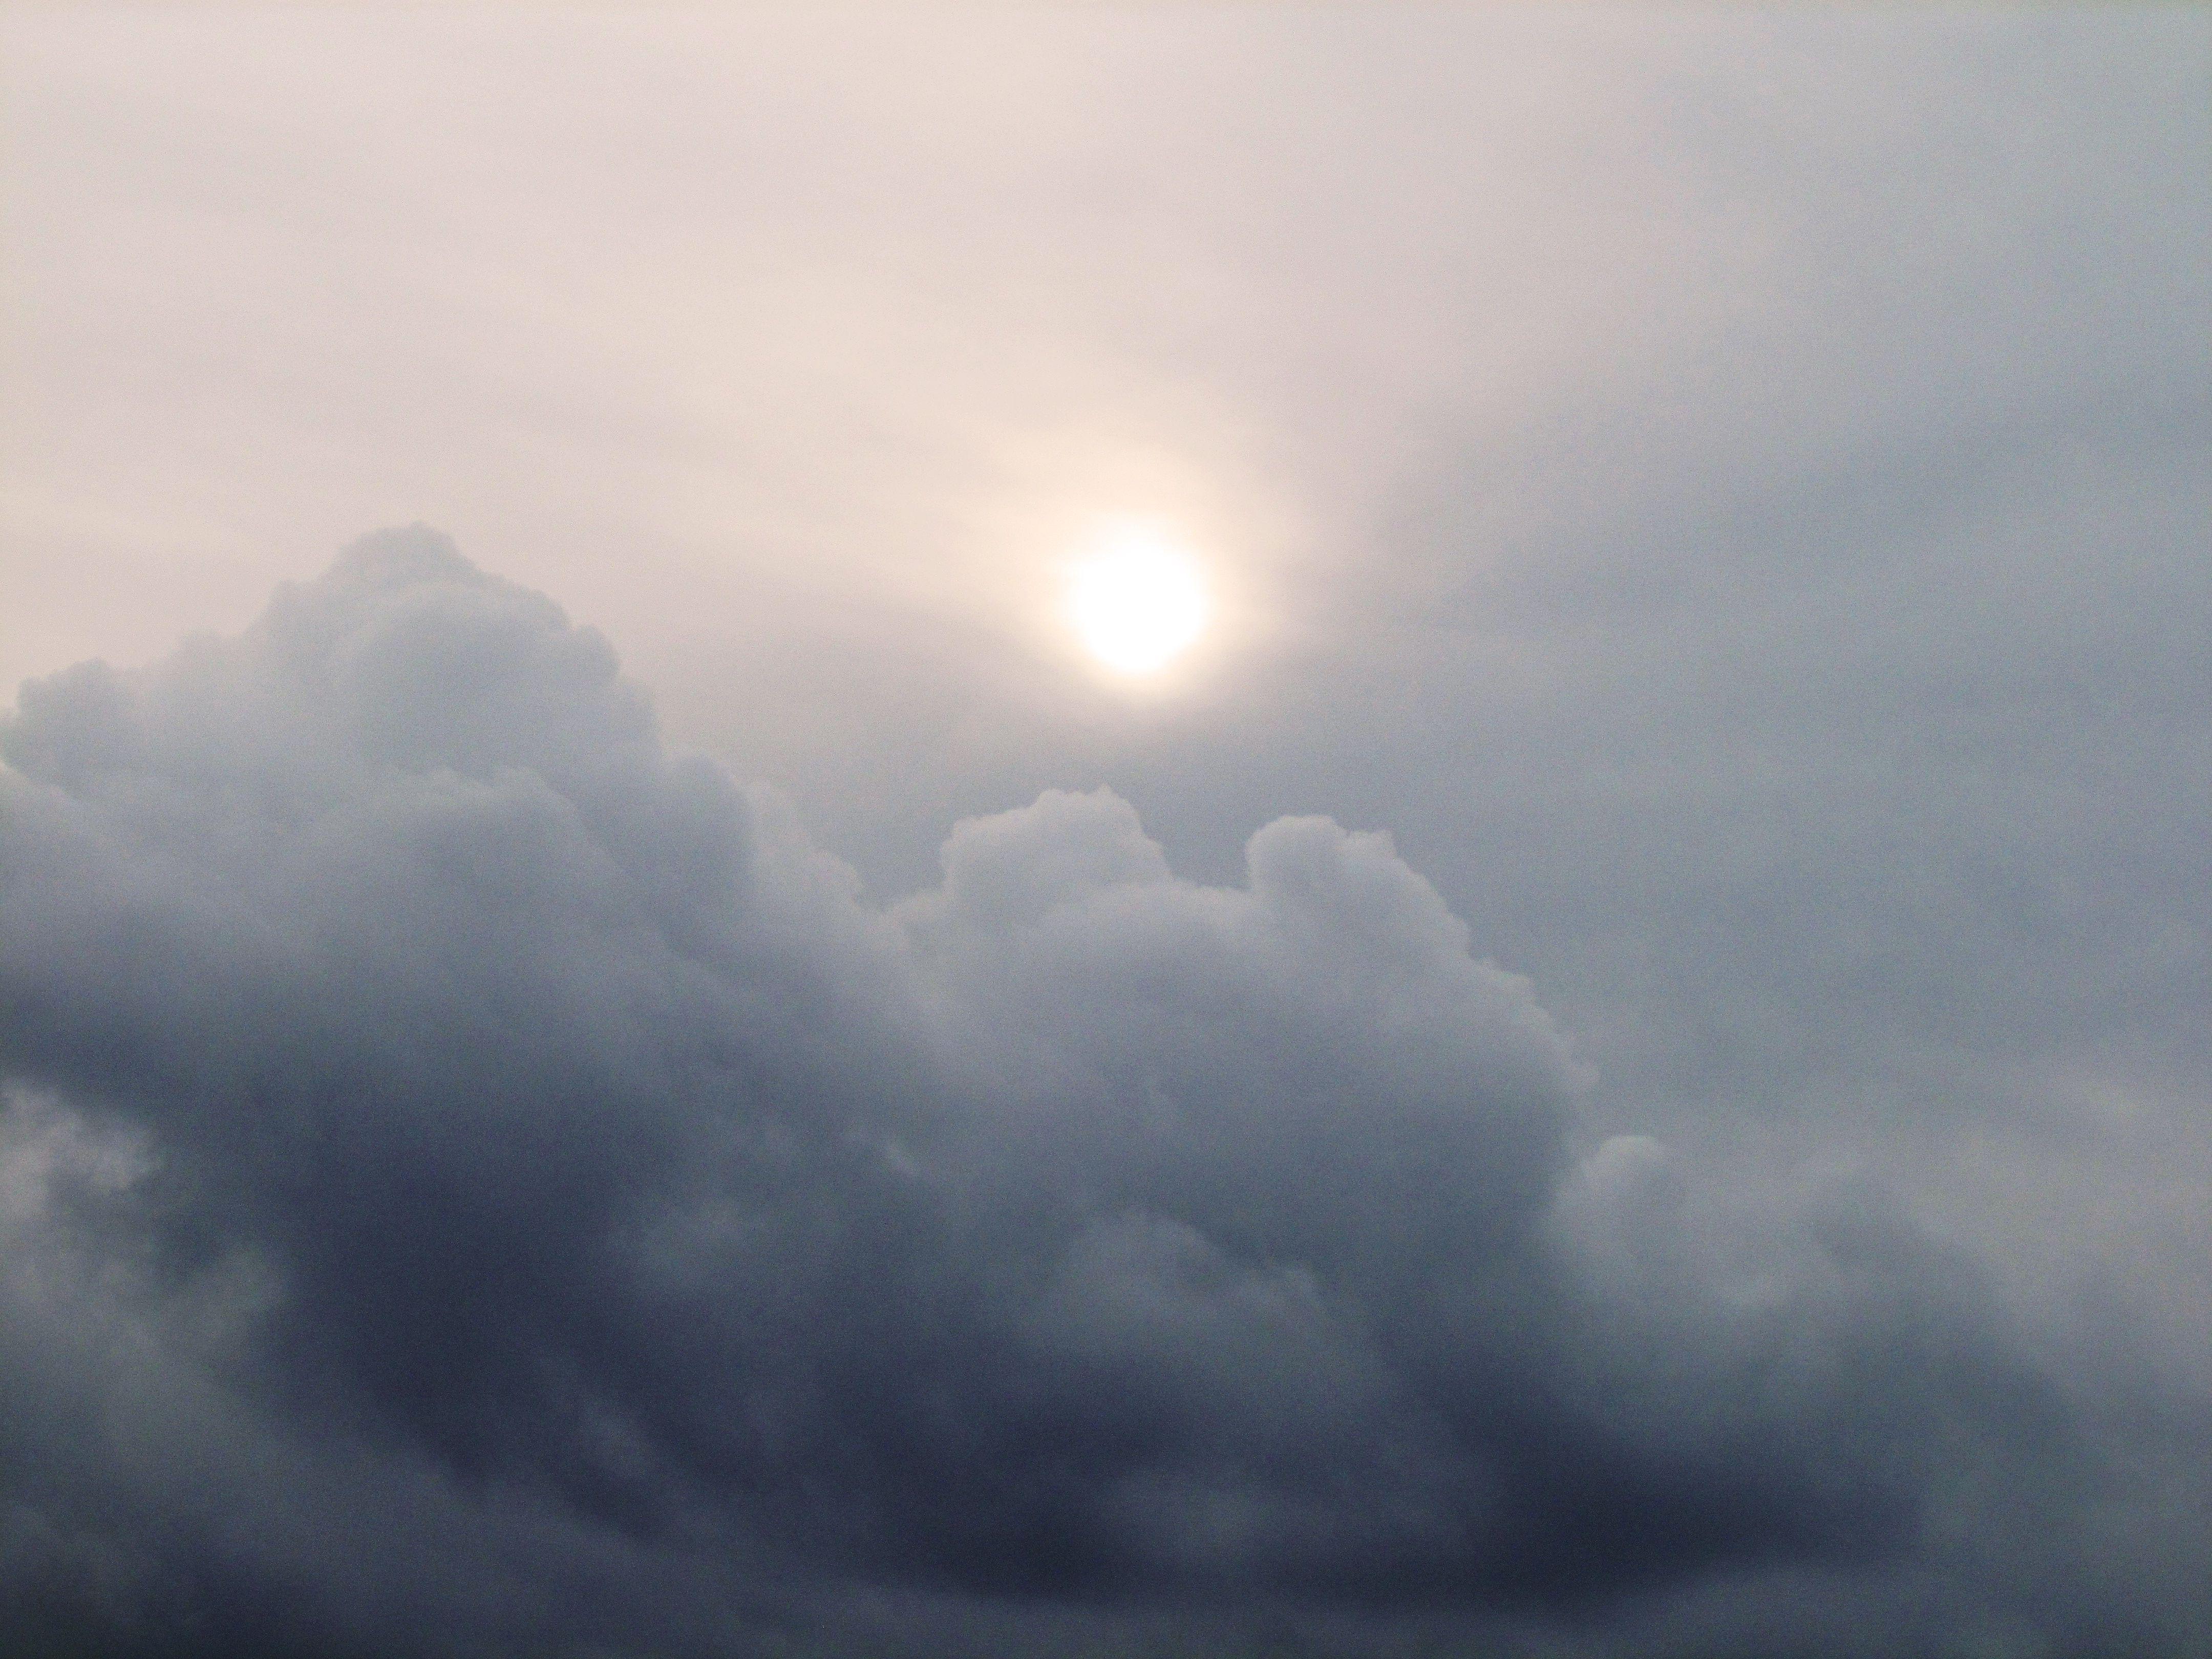 Sale El Sol Entre Nubes Nubes Fotos Sol